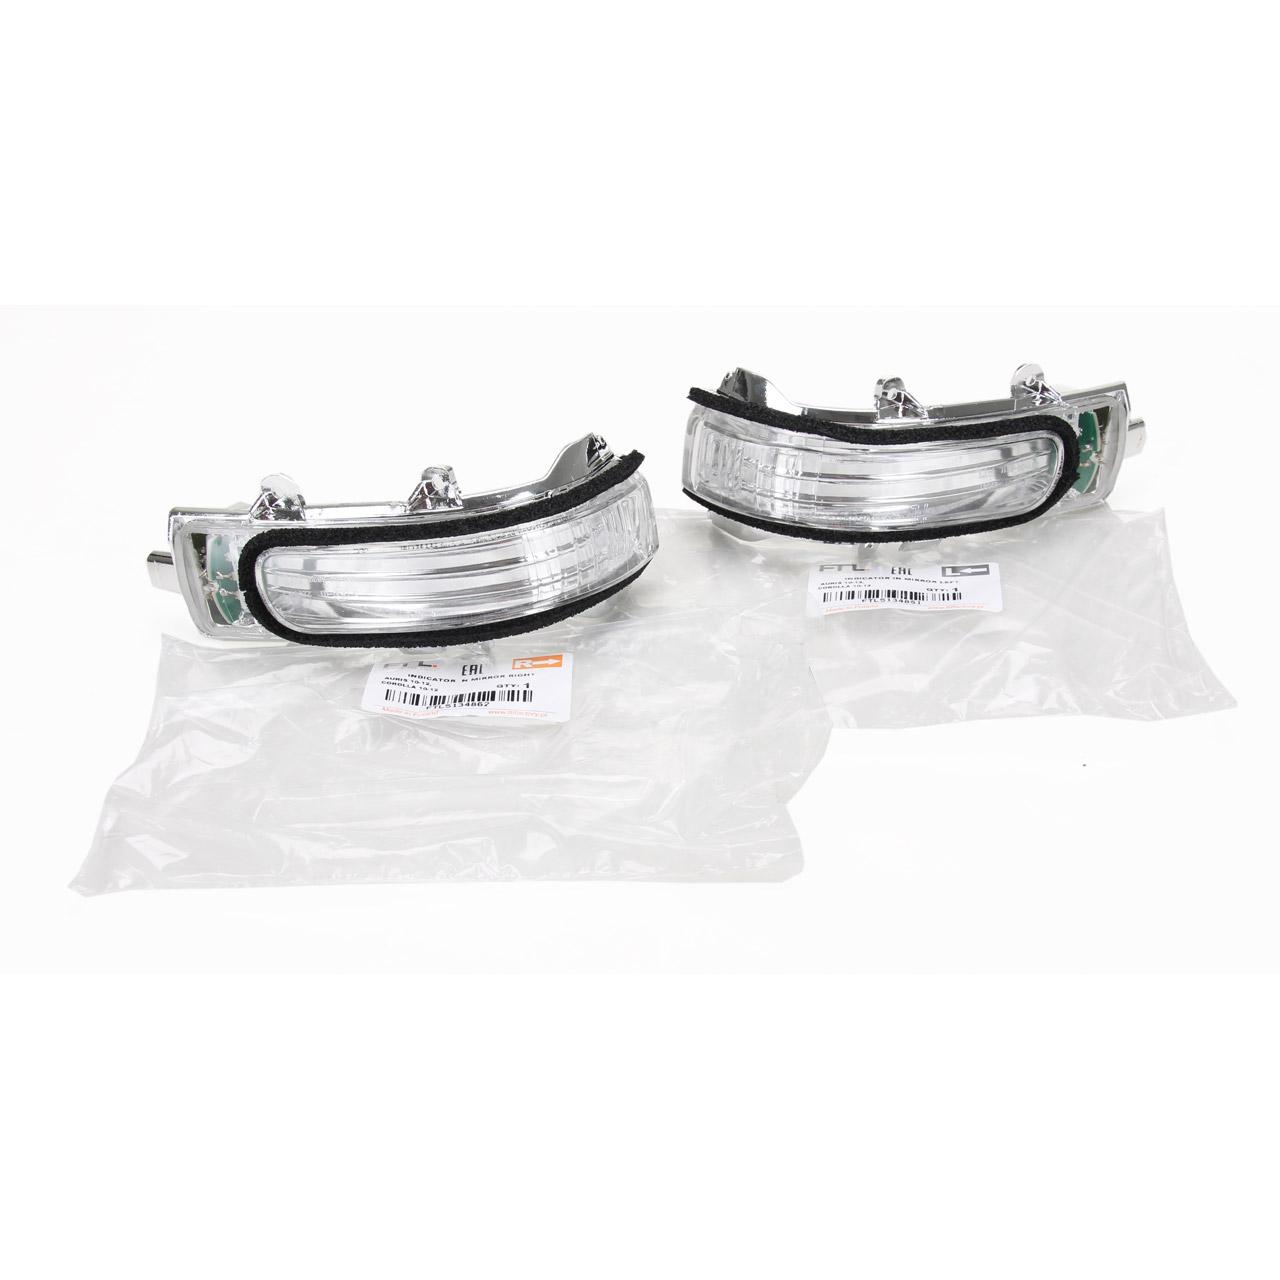 2x Blinkleuchte Blinker Außenspiegel LED TOYOTA Auris + Kasten Corolla Stufenheck